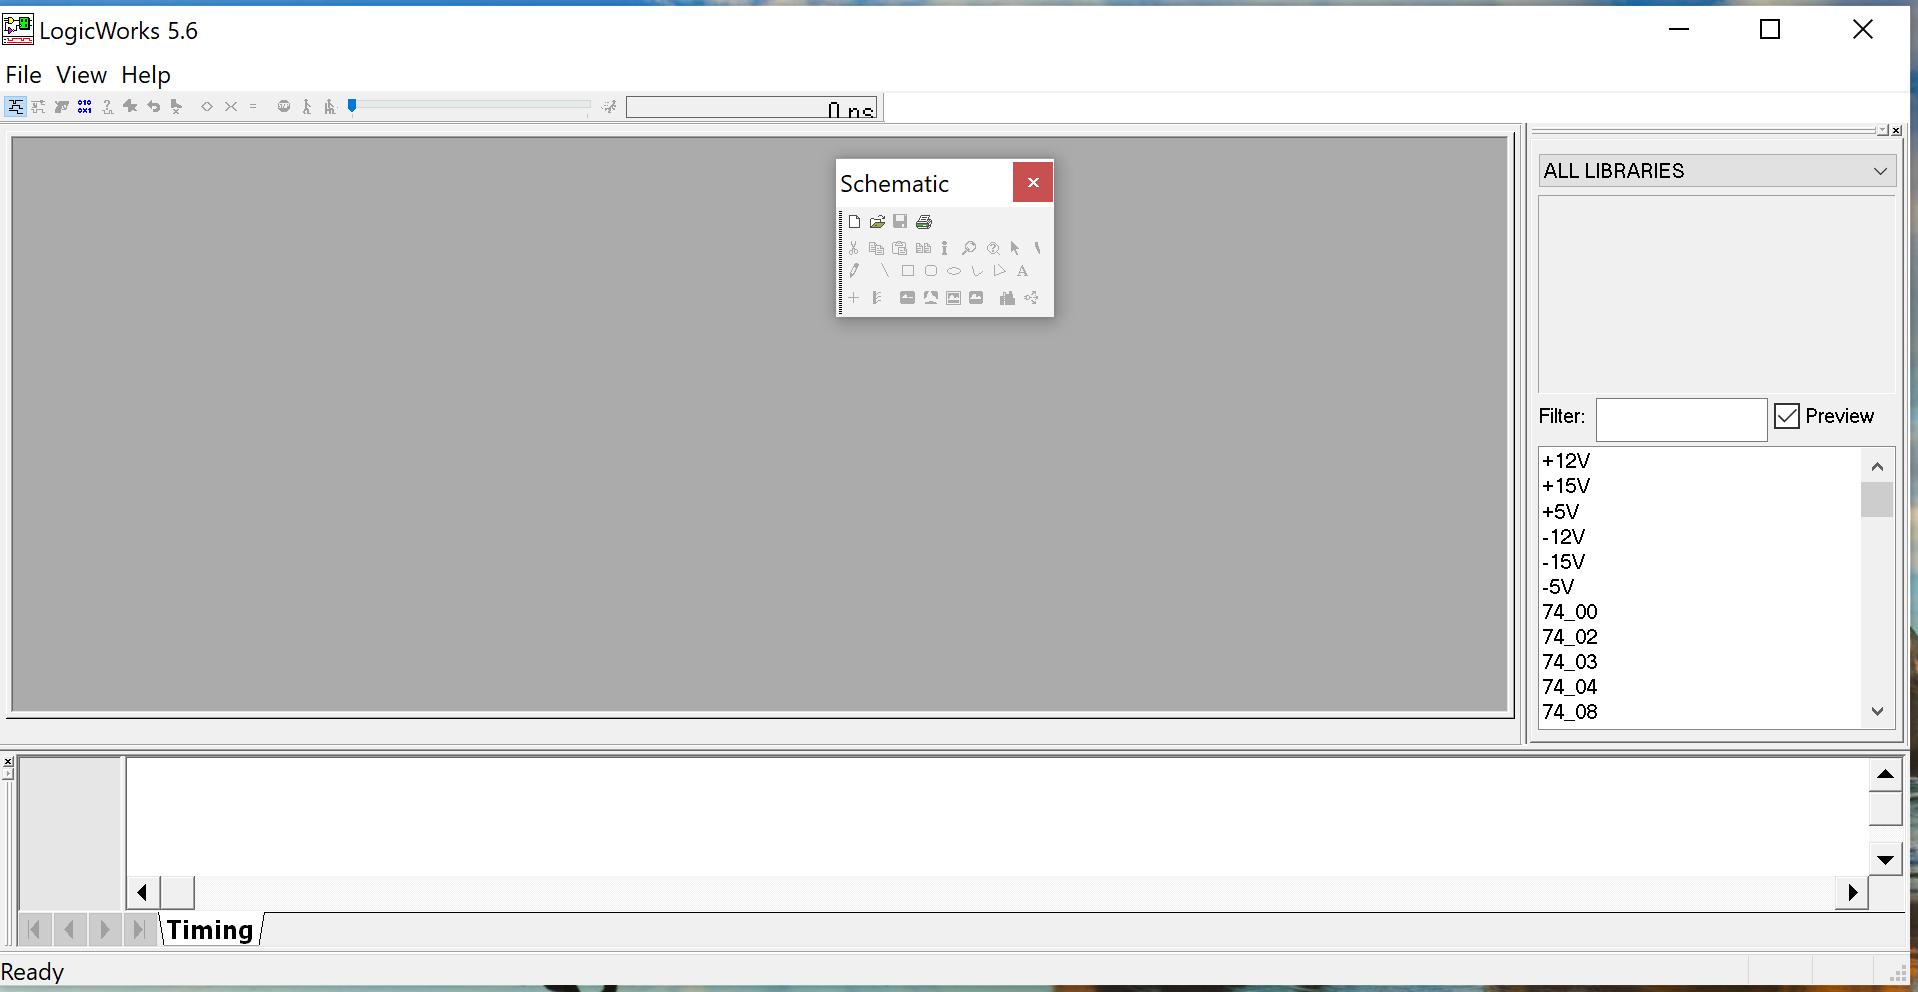 applications' menu display size too small a5bbf99b-e352-4039-935d-de4d72a905d2?upload=true.png